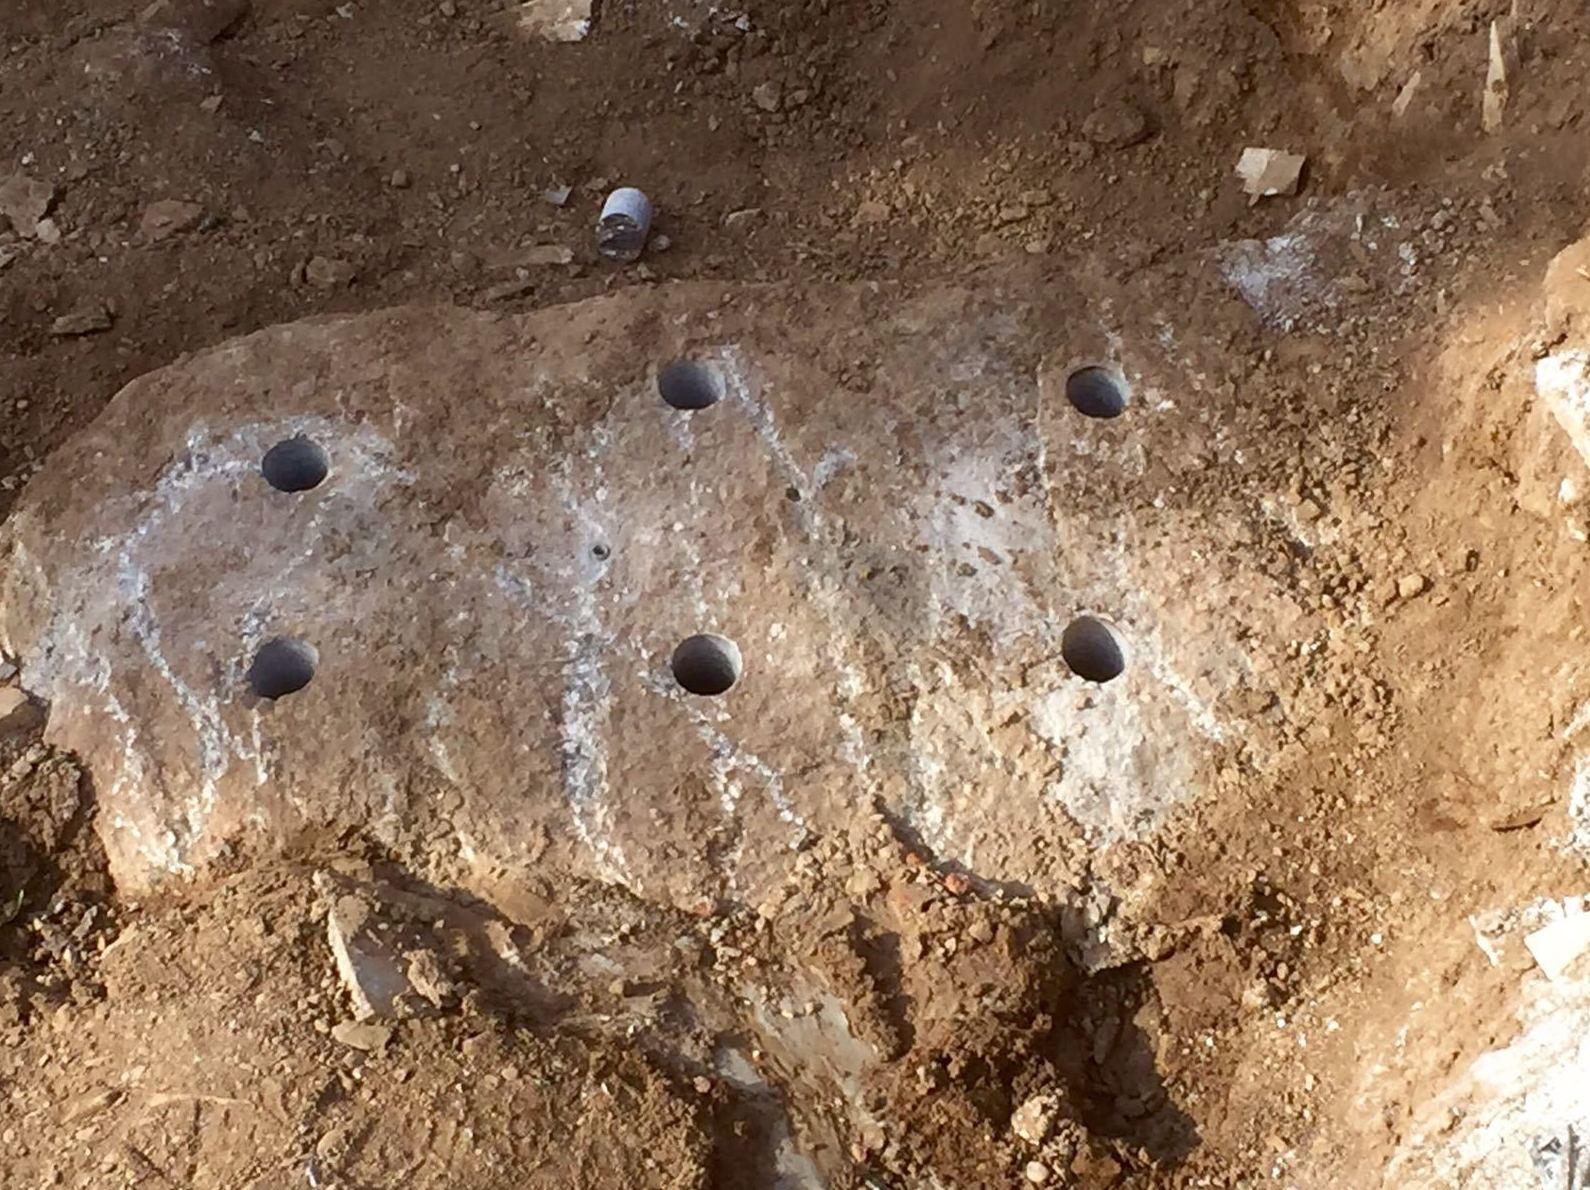 Taladros en piedras para meter resina y romper las piedras